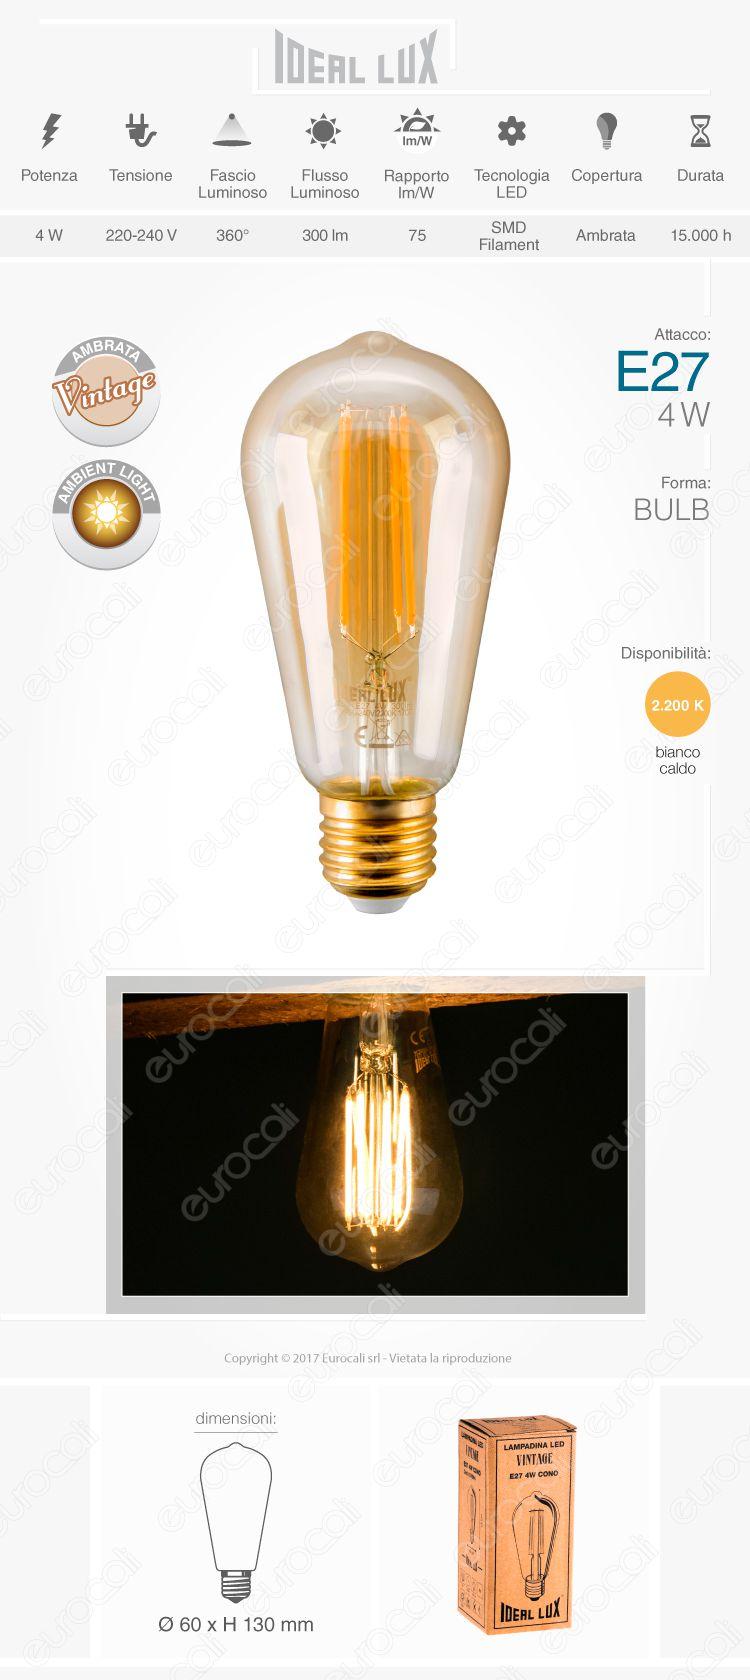 lampada led e27 ideal lux